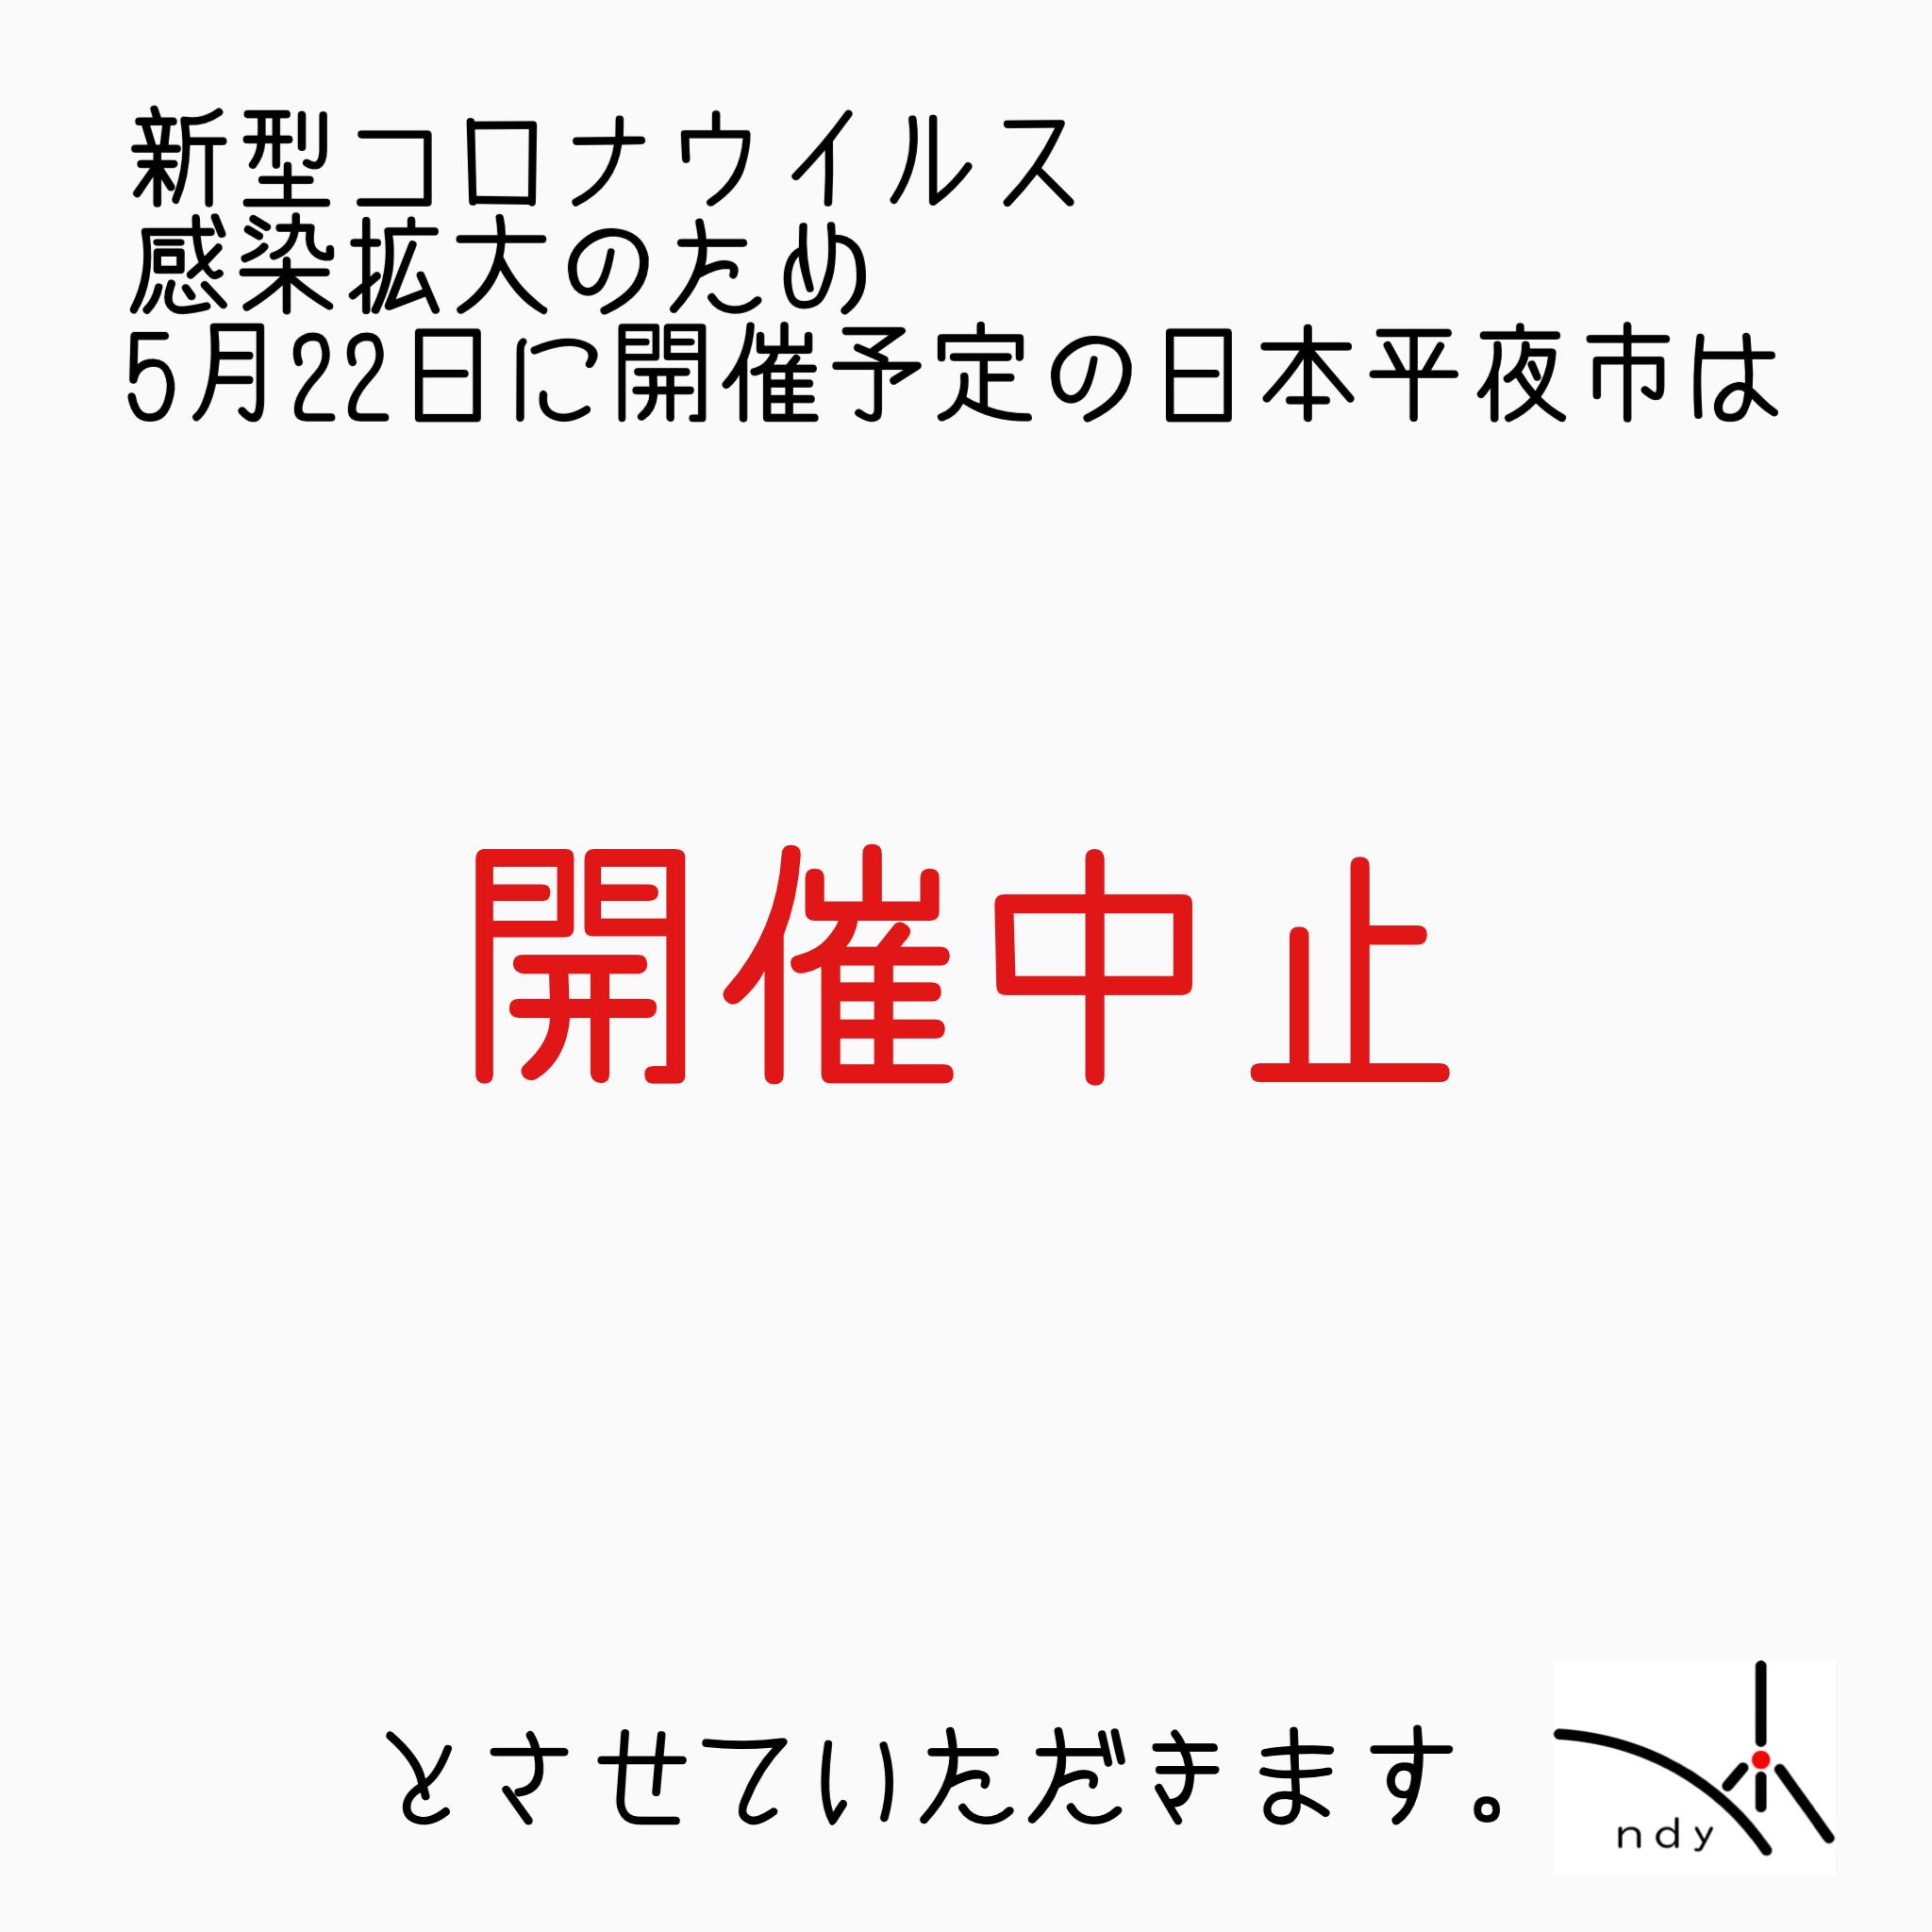 5月22日の日本平夜市は中止となりました。